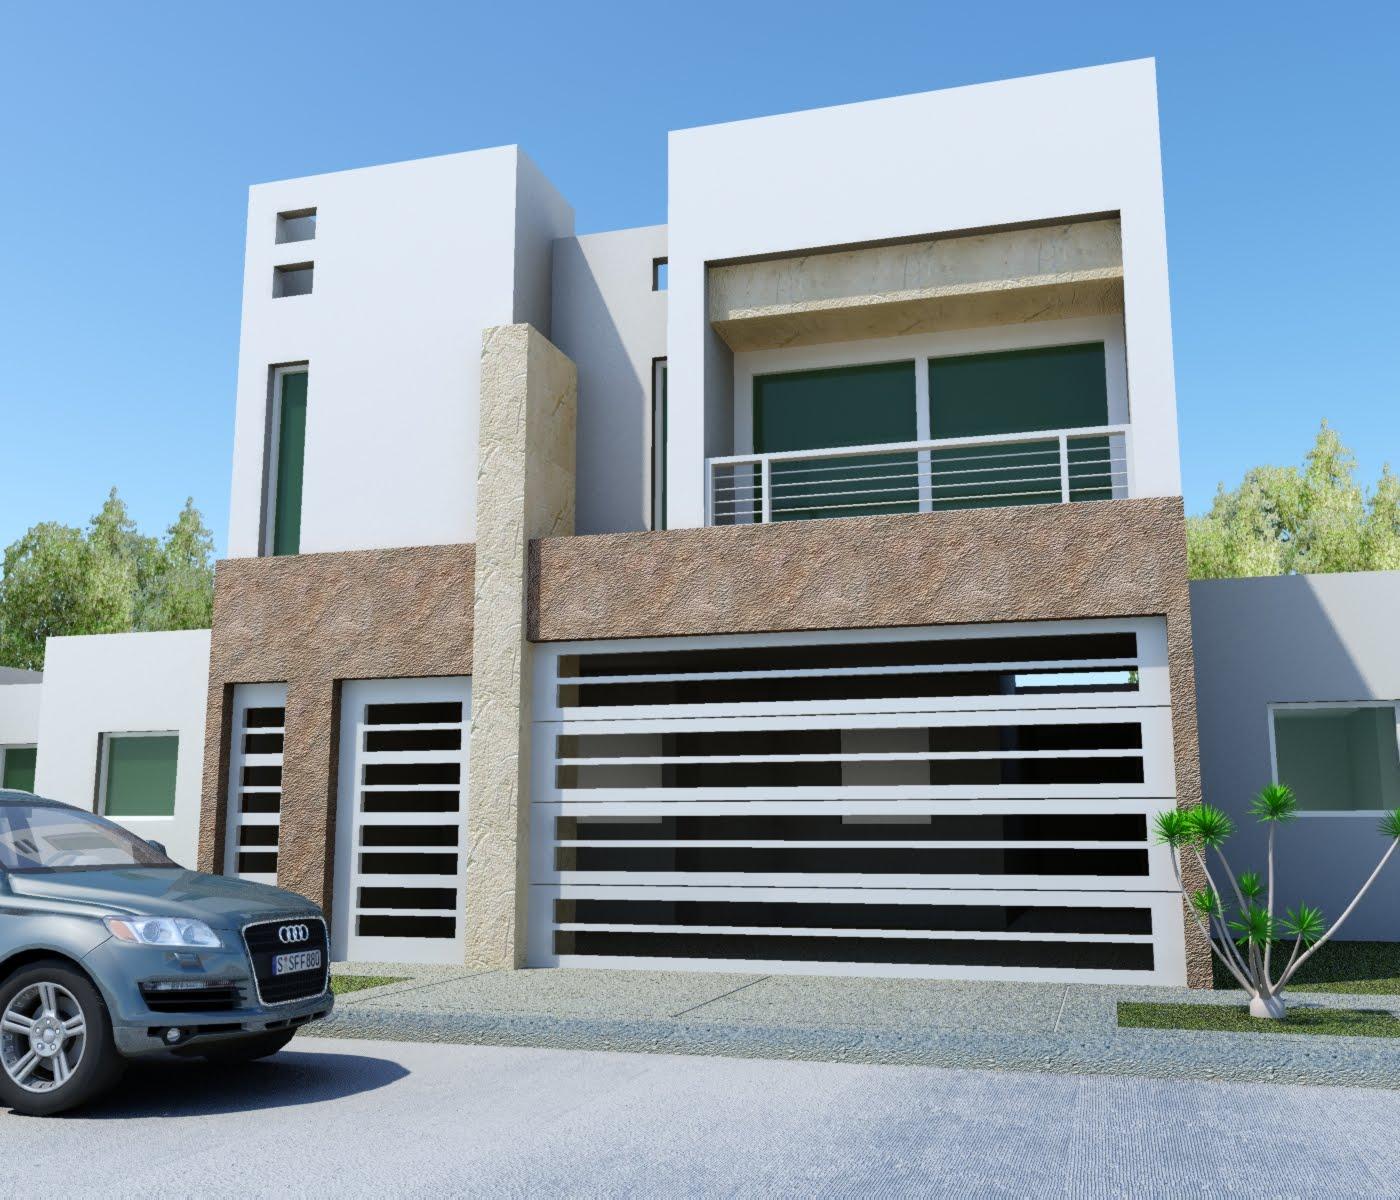 Jorge sepulveda remodelacion fracc benjamines for Remodelacion de casas